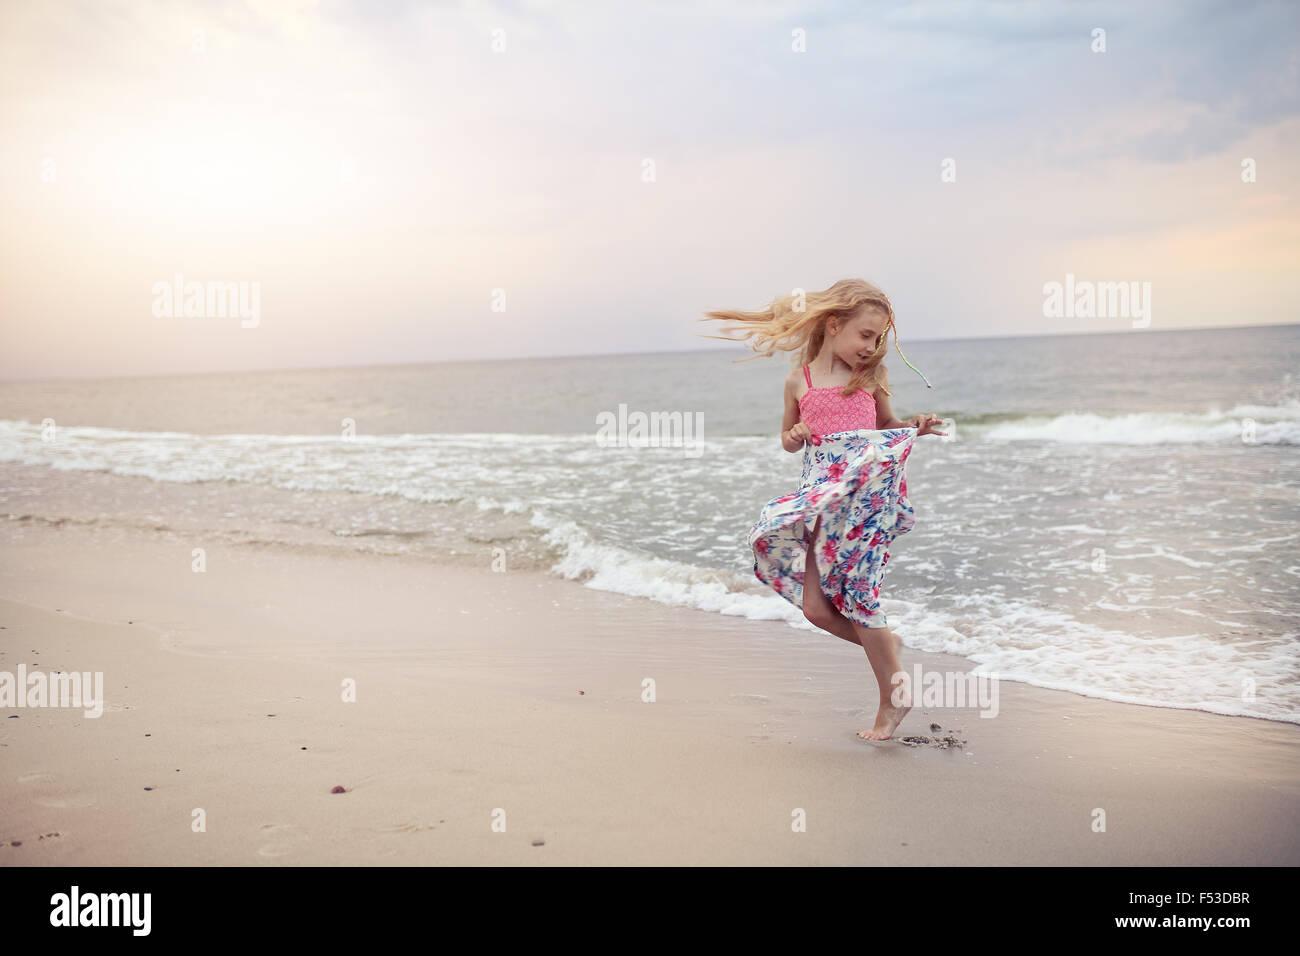 Libertad y flexibilidad - la infancia despreocupada Imagen De Stock